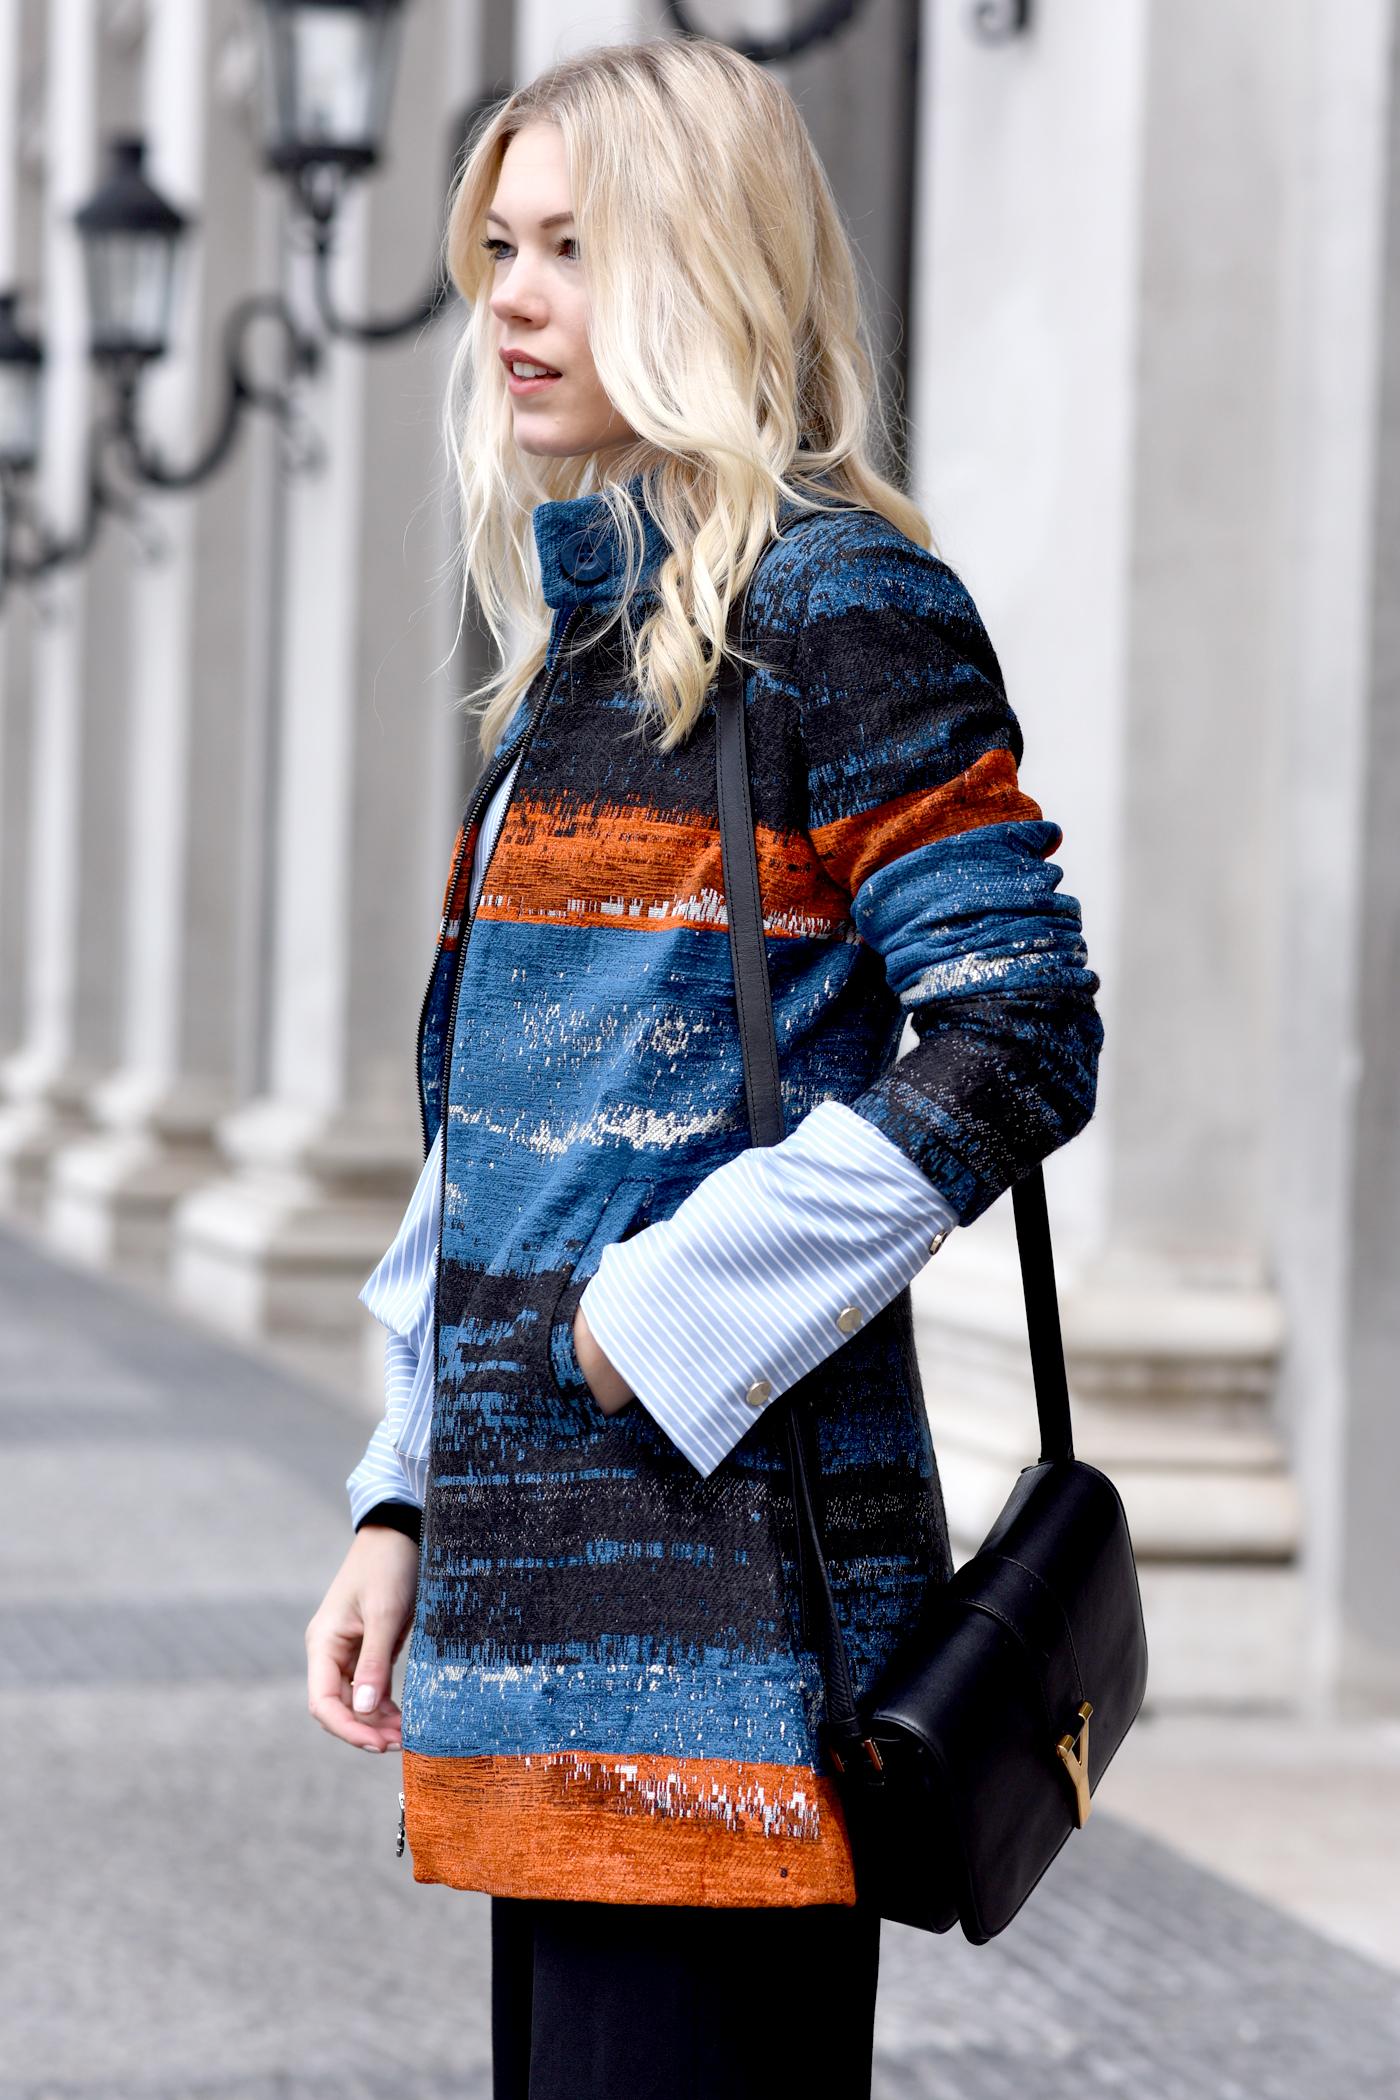 desigual_mantel_somehappyshoes_fashionblog2